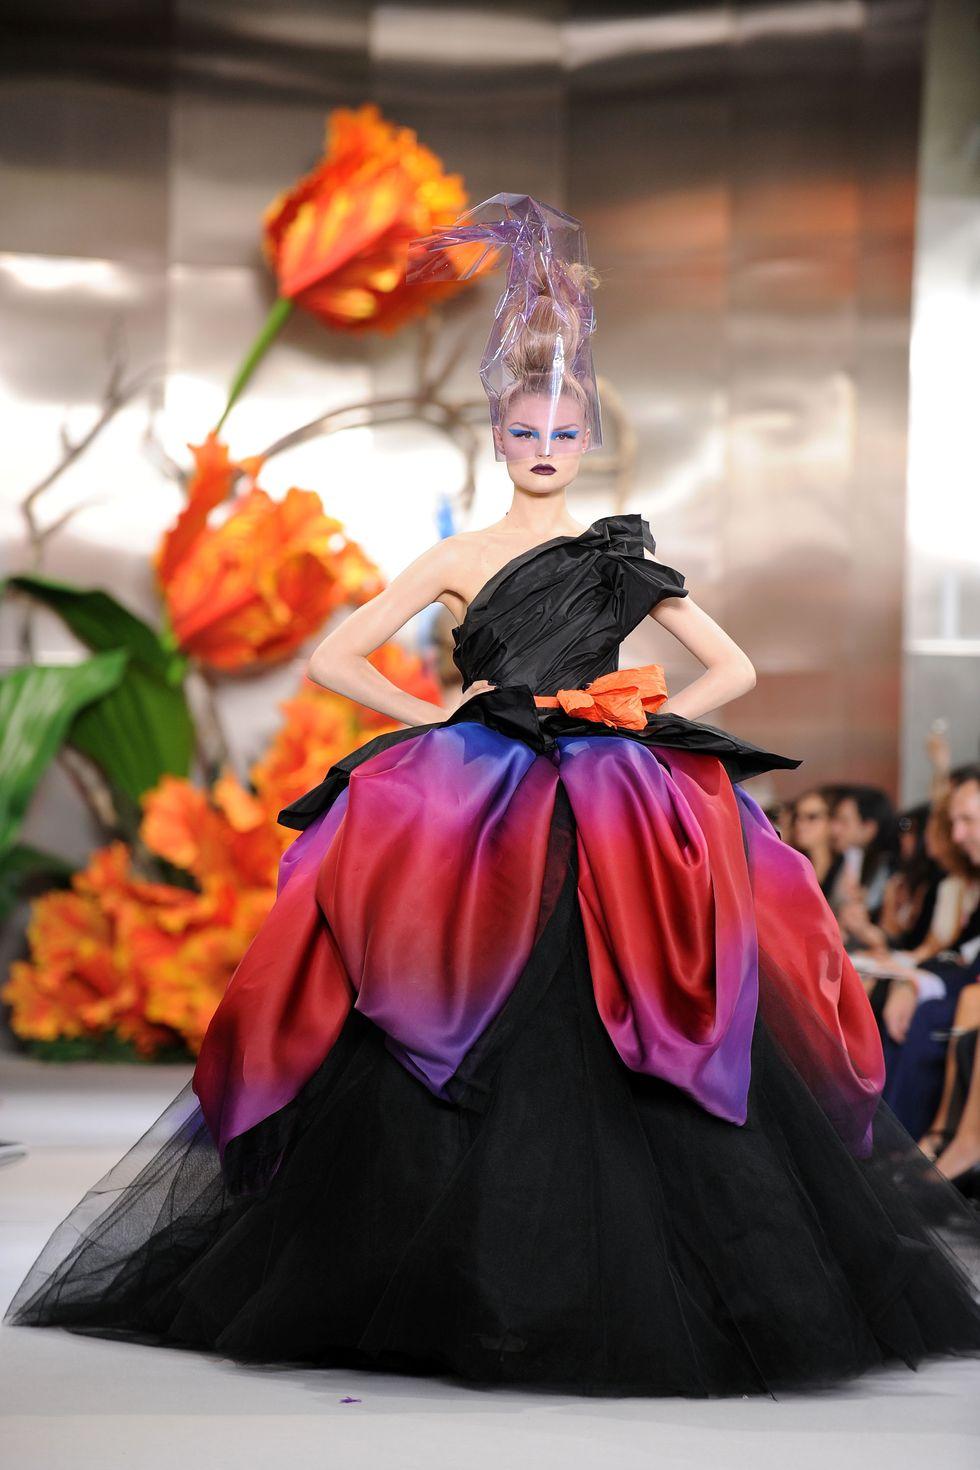 13 bộ sưu tập thời trang mang tính cách mạng nhất thập kỷ qua - 2